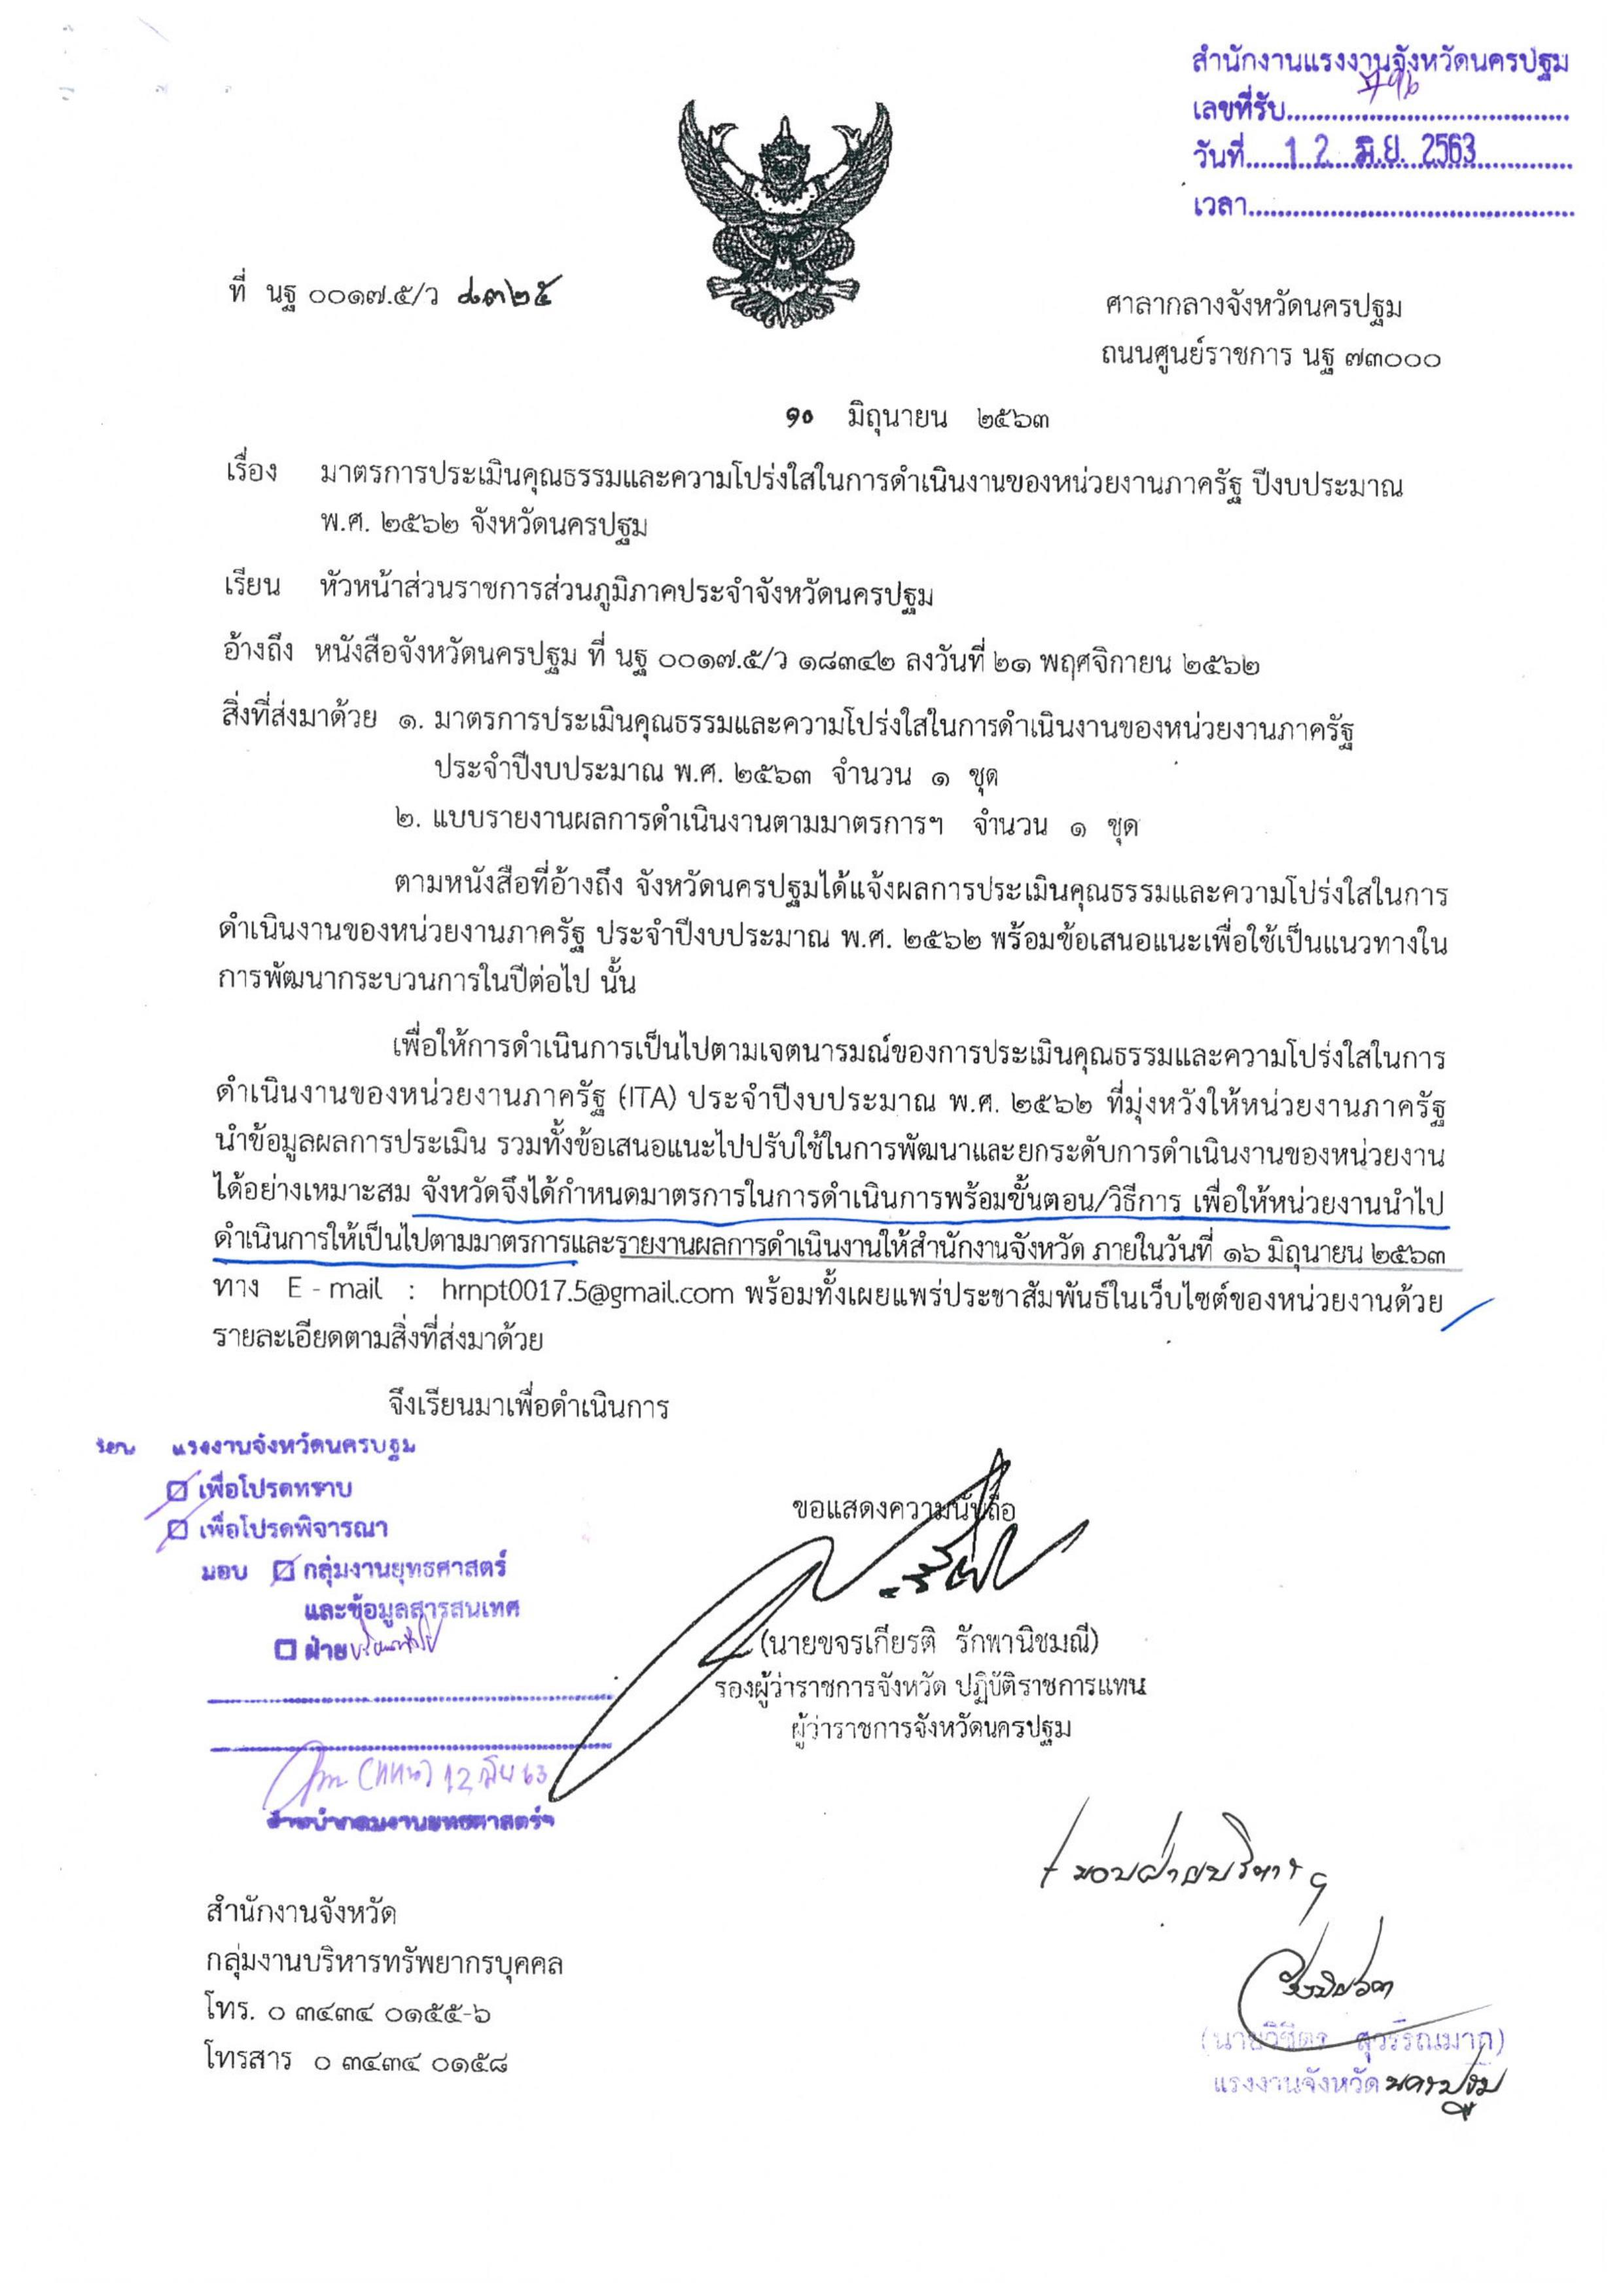 มาตรการประเมินคุณธรรมและความโปร่งใสในการดำเนินงานของหน่วยงานภาครัฐ ปีงบประมาณ พ.ศ. 2562 จังหวัดนครปฐม